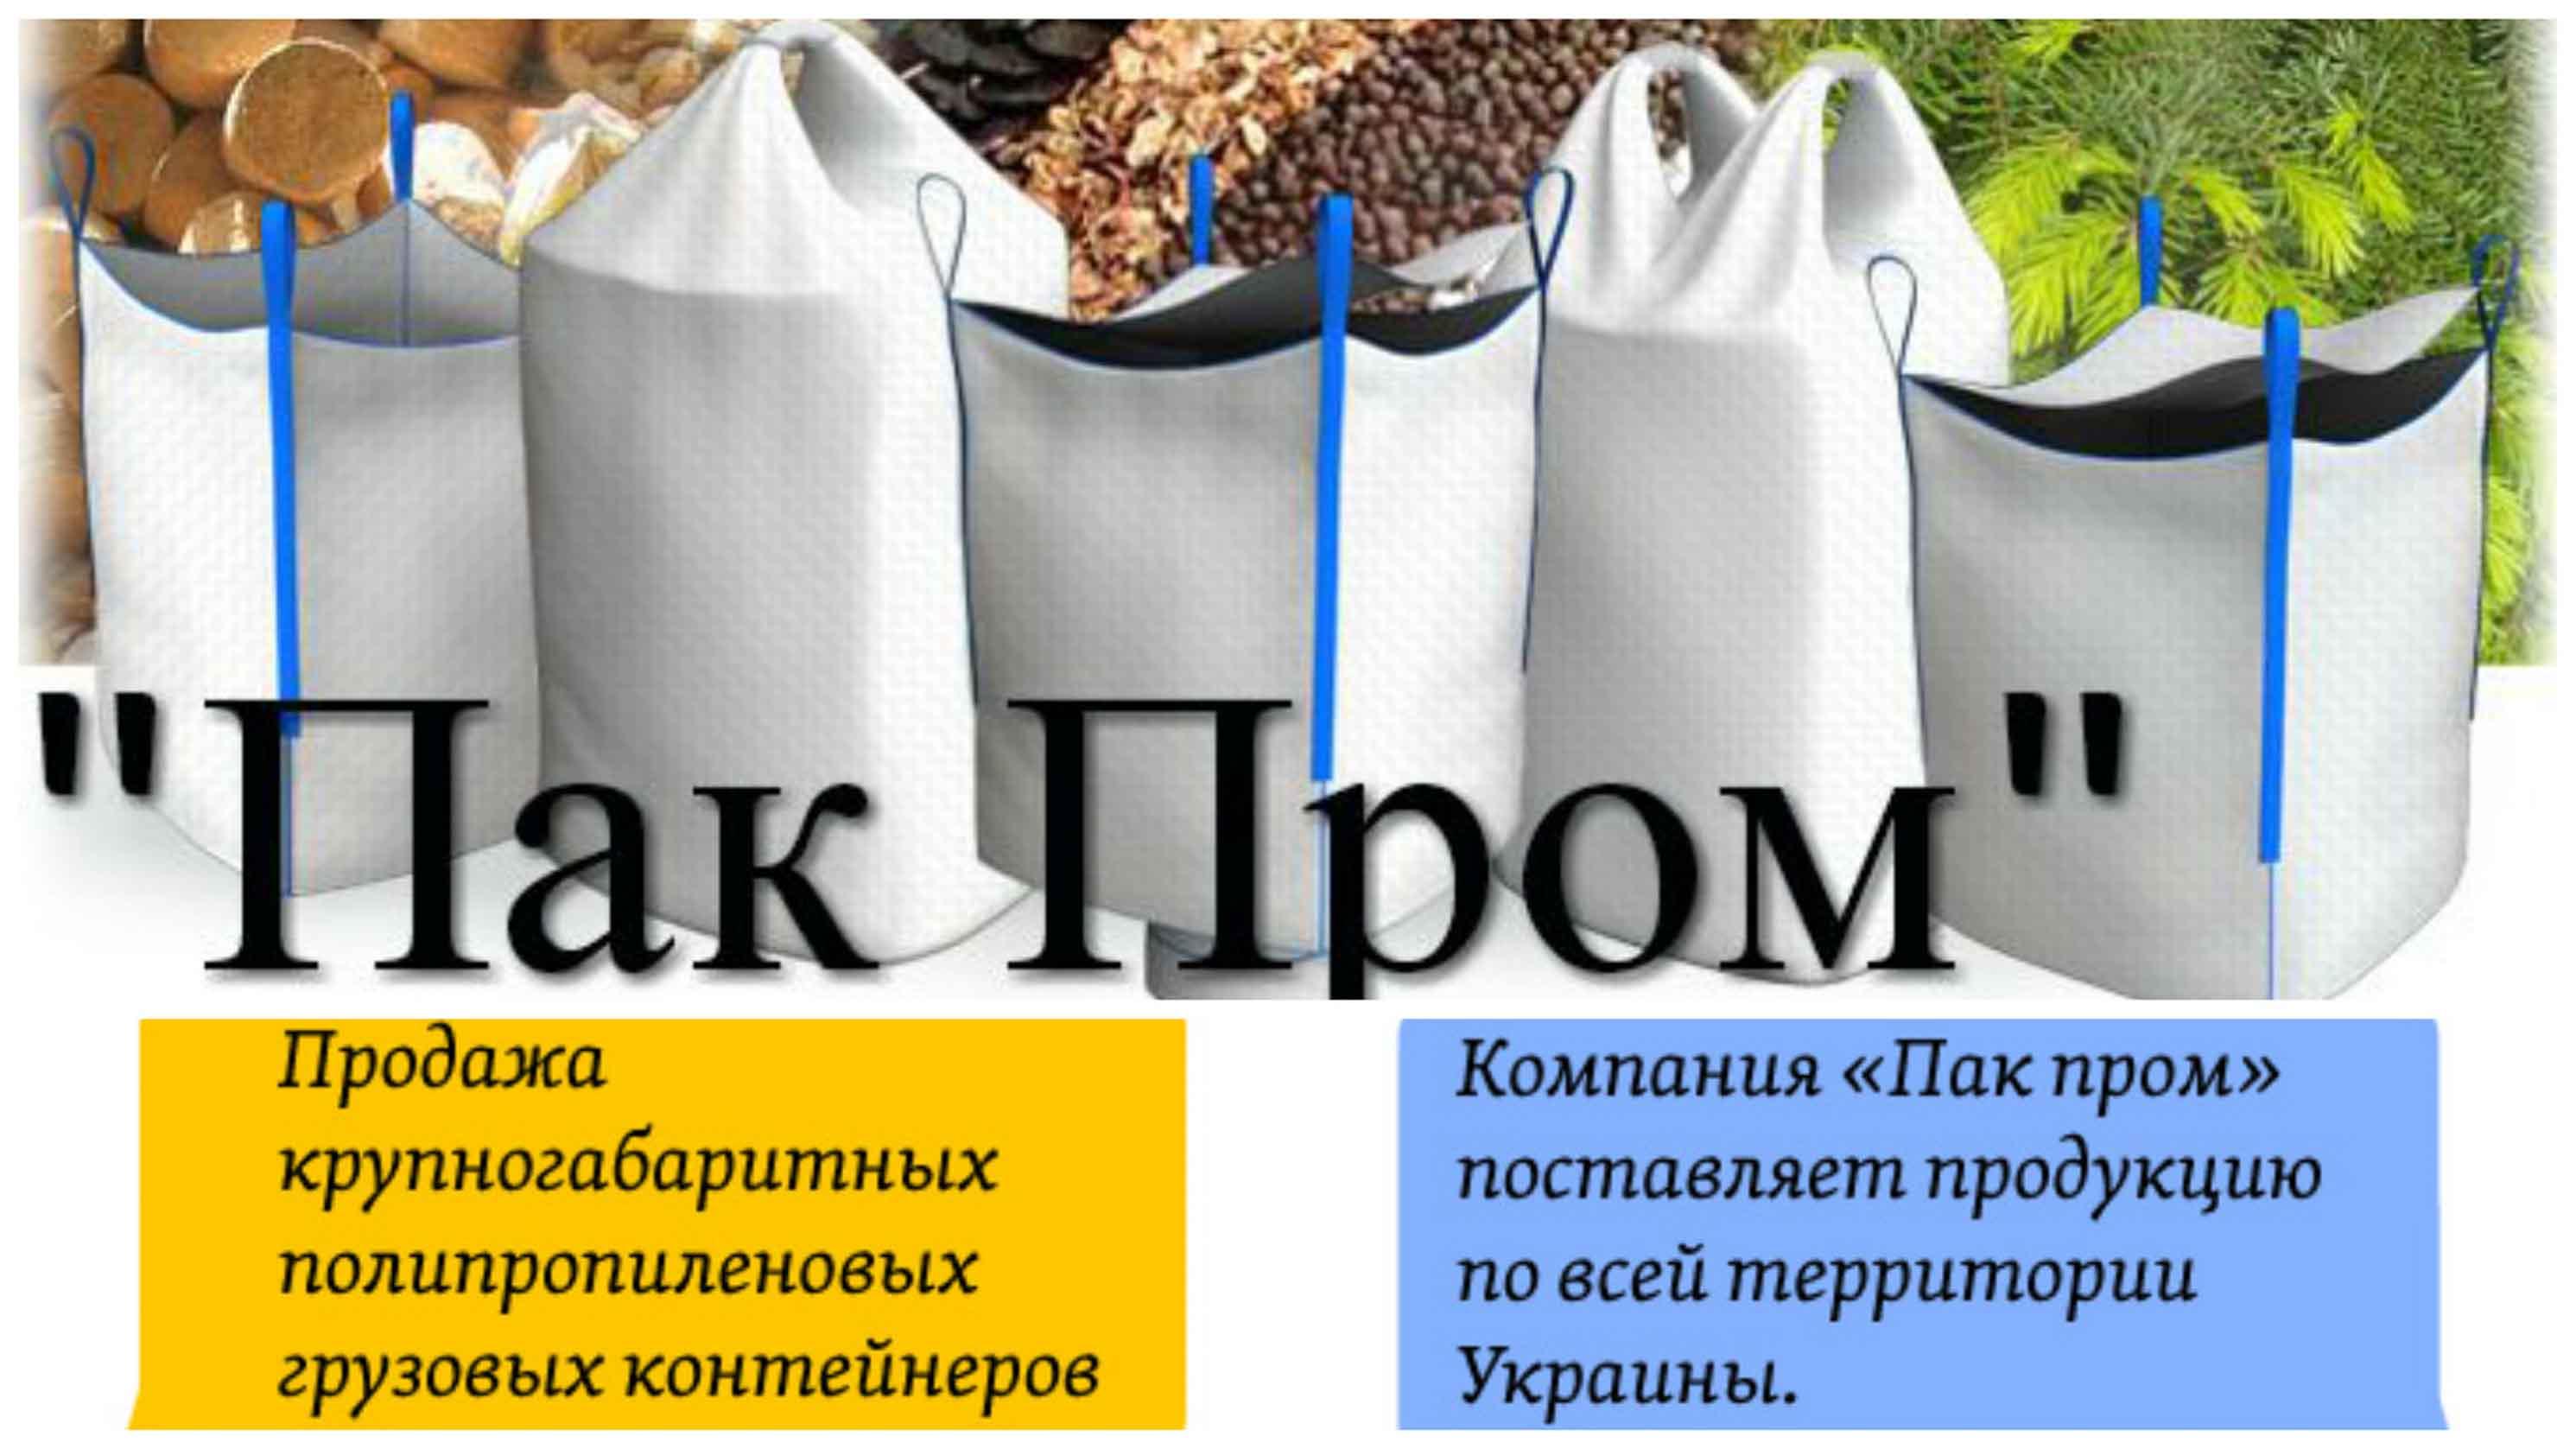 Купить мешки Биг Бэг, Харьков и область фото 1